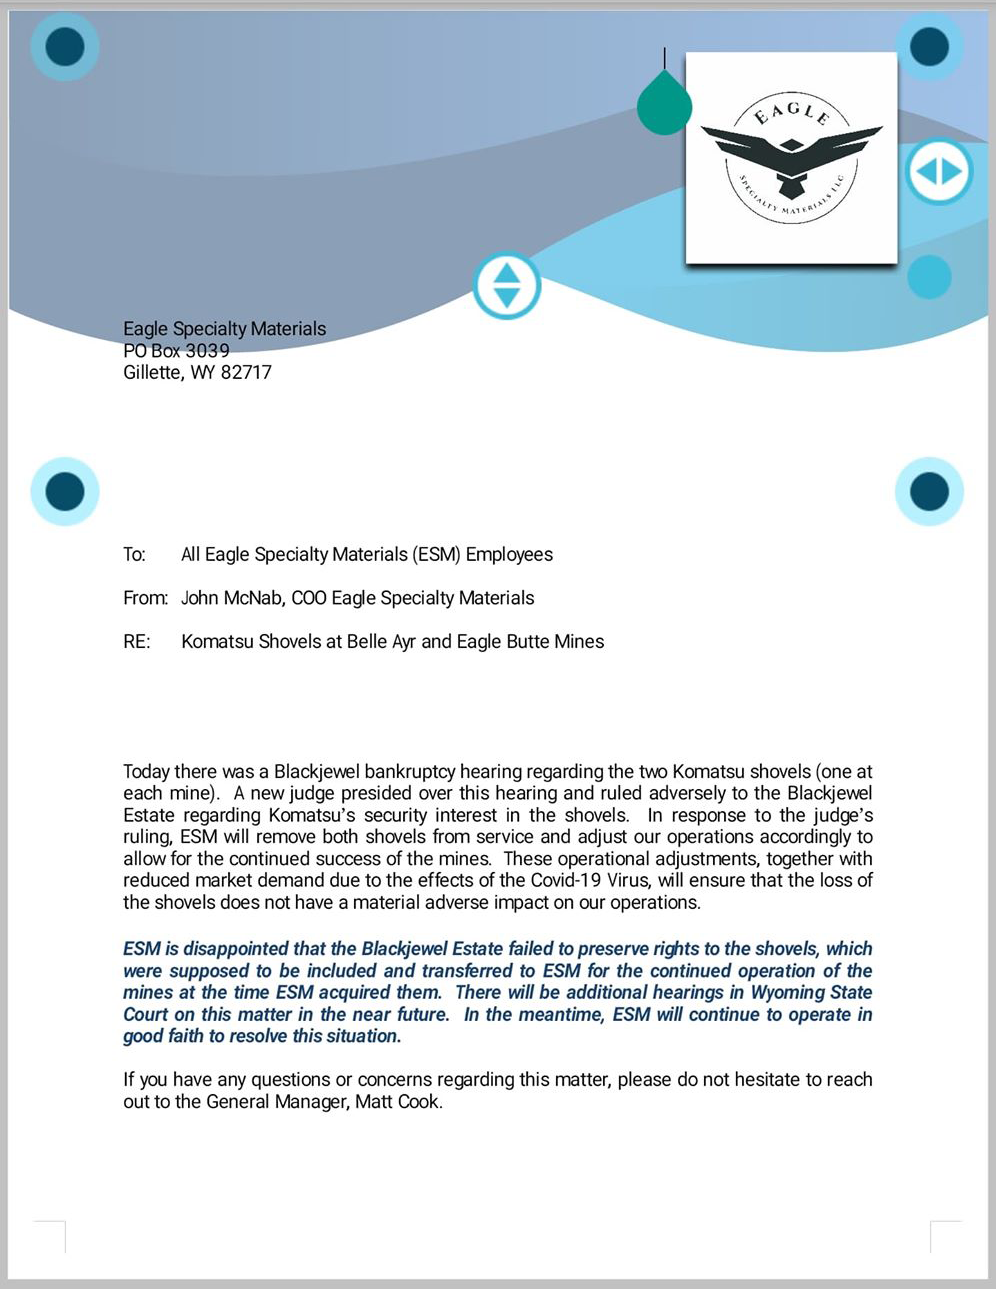 Eagle Specialty Materials Letter Regarding Komatsu Shovels